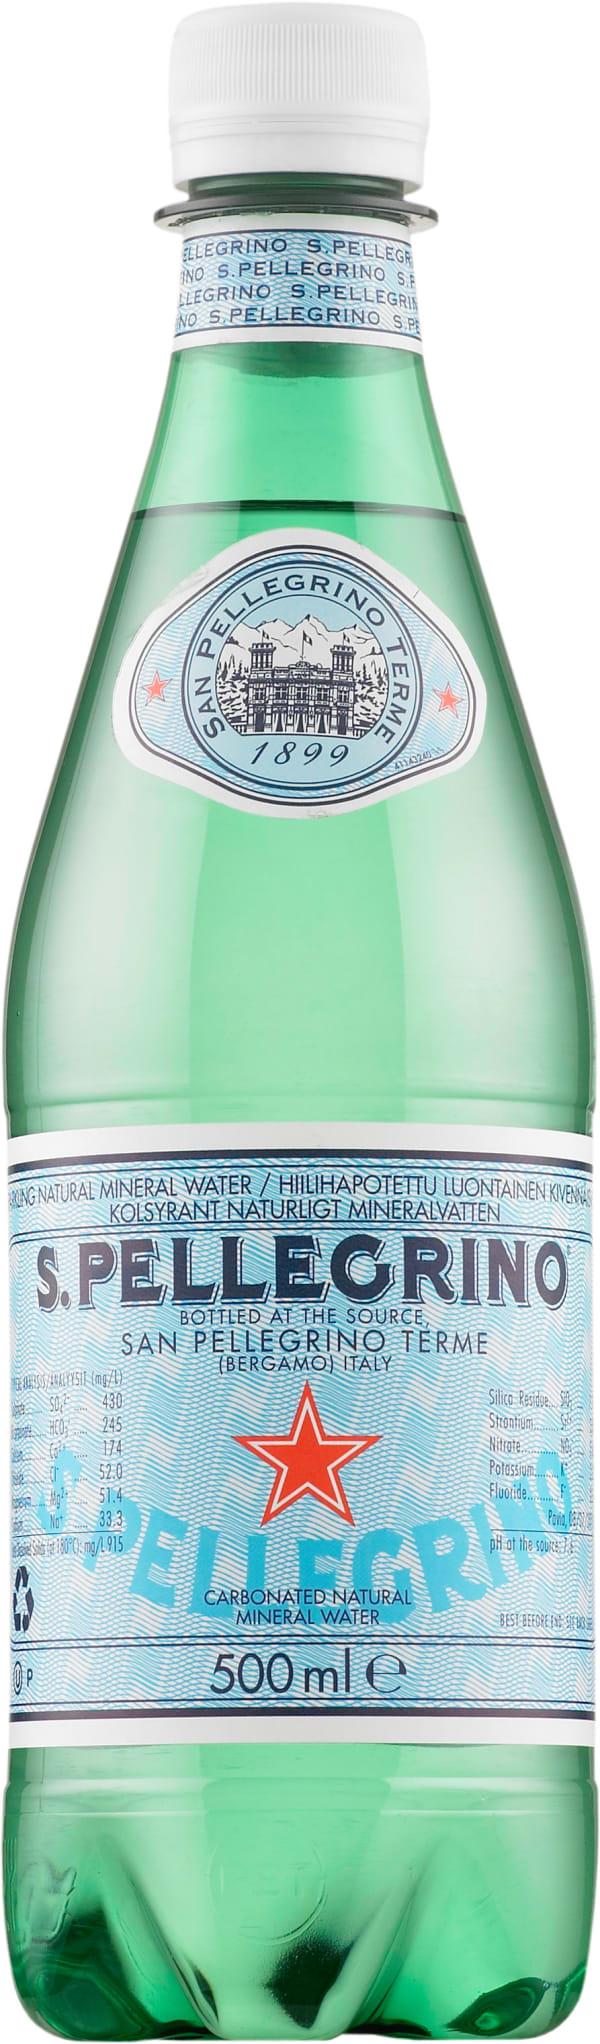 San Pellegrino plastic bottle